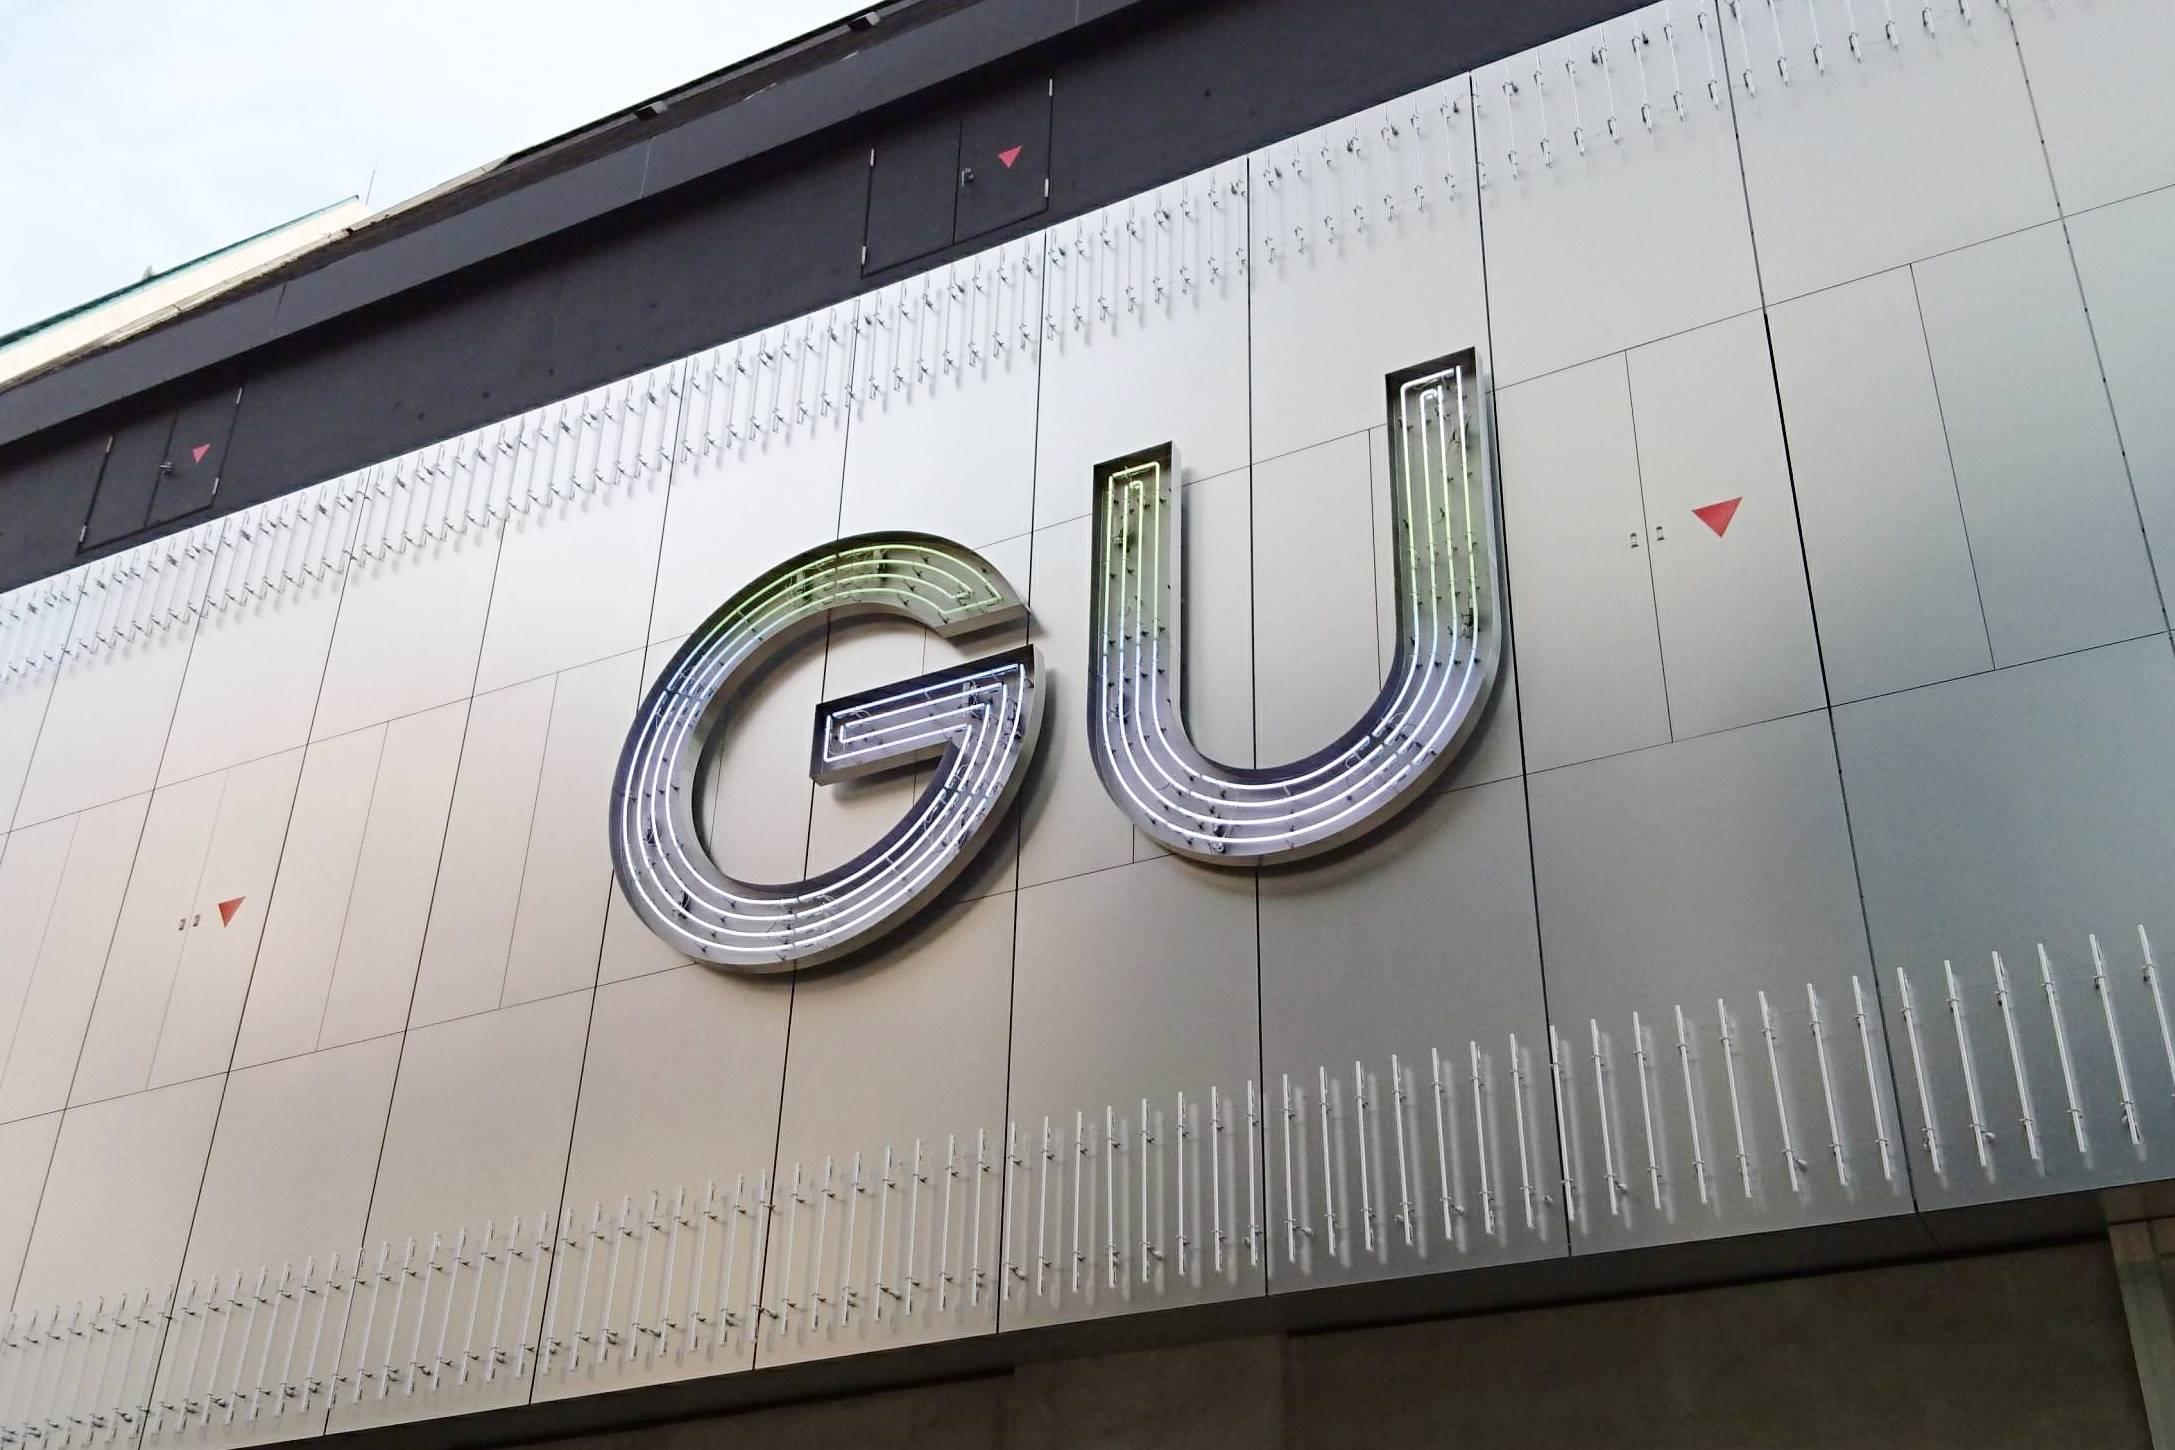 カジュアル派必見!【GU】いま買うべき「ビックシルエット」のトップスアイテム4選